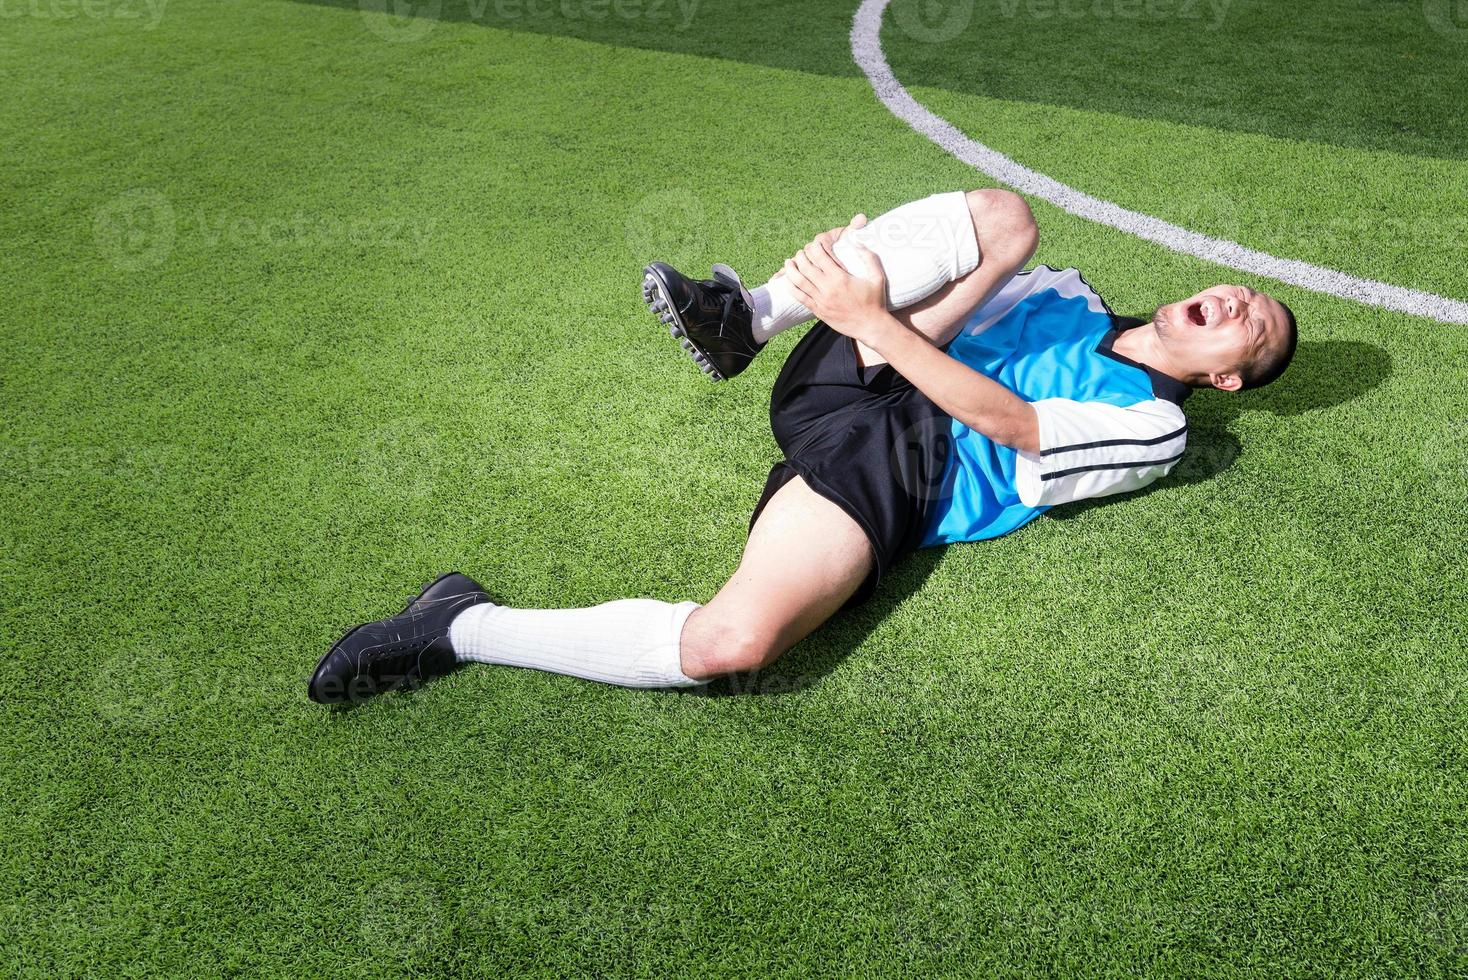 fotbollsspelare har olycksfall i smärta på fotbollsmatchen foto